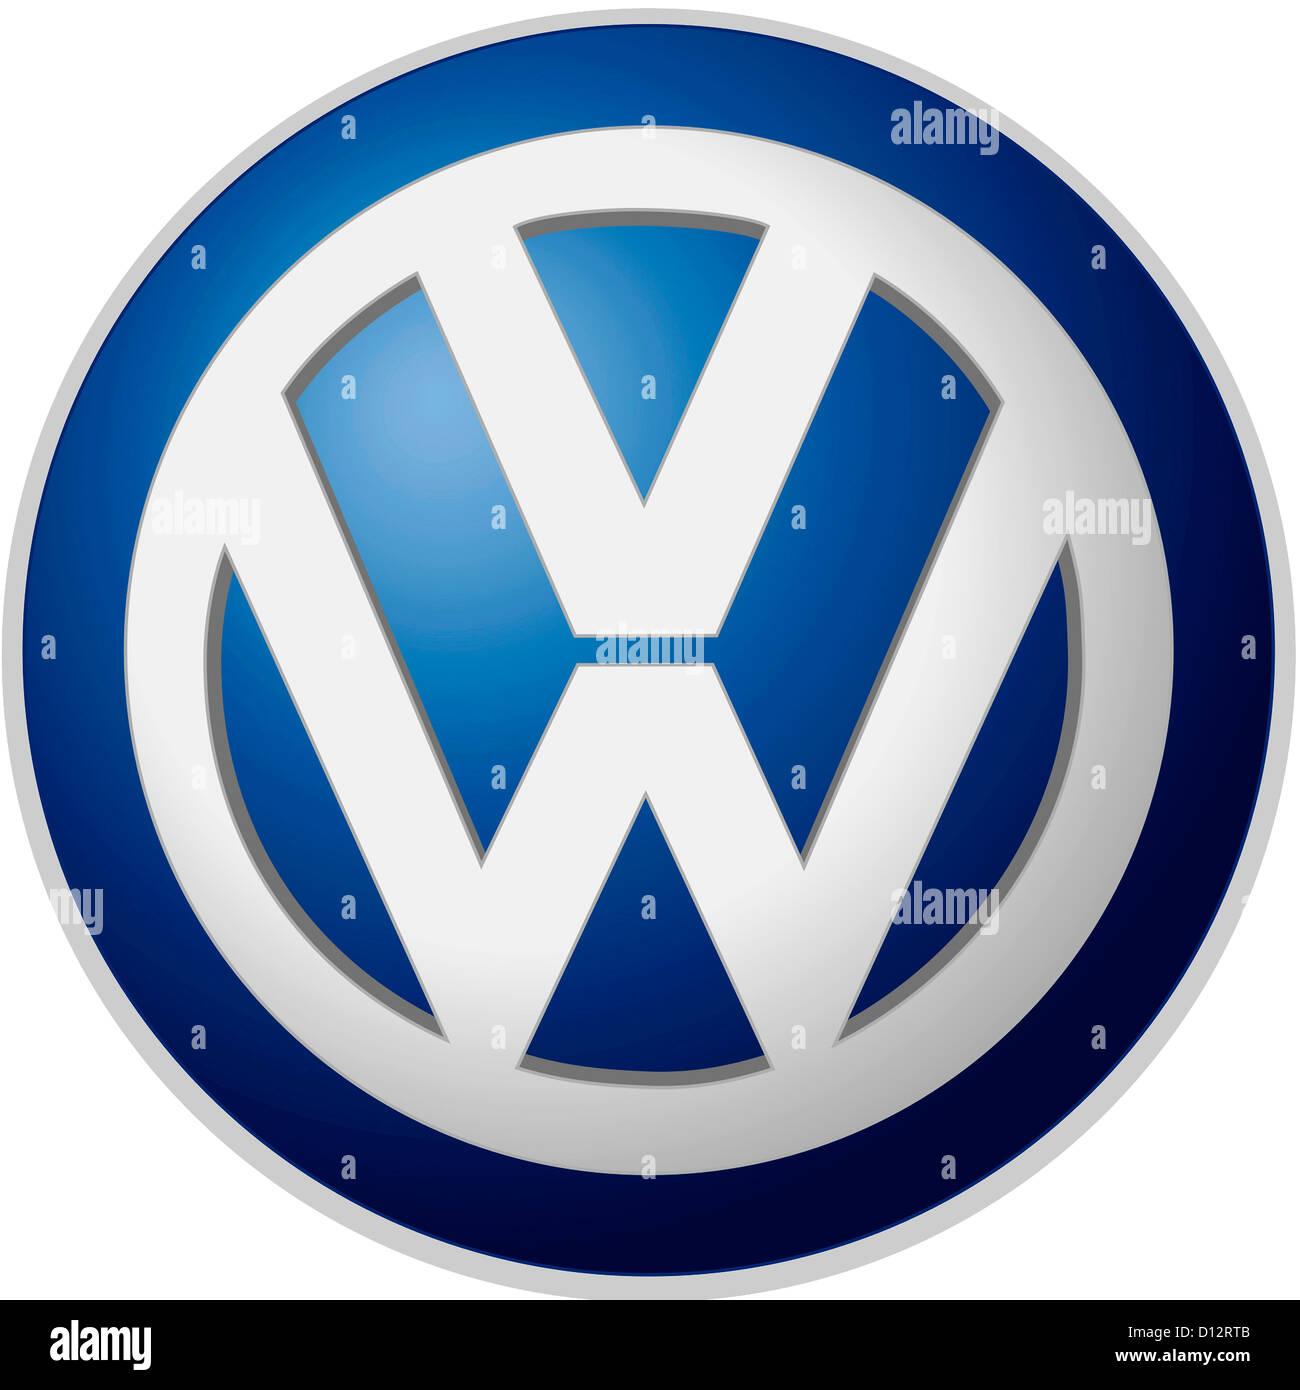 firmenlogo der deutschen automotive corporation volkswagen ag mit sitz in wolfsburg stockfoto. Black Bedroom Furniture Sets. Home Design Ideas